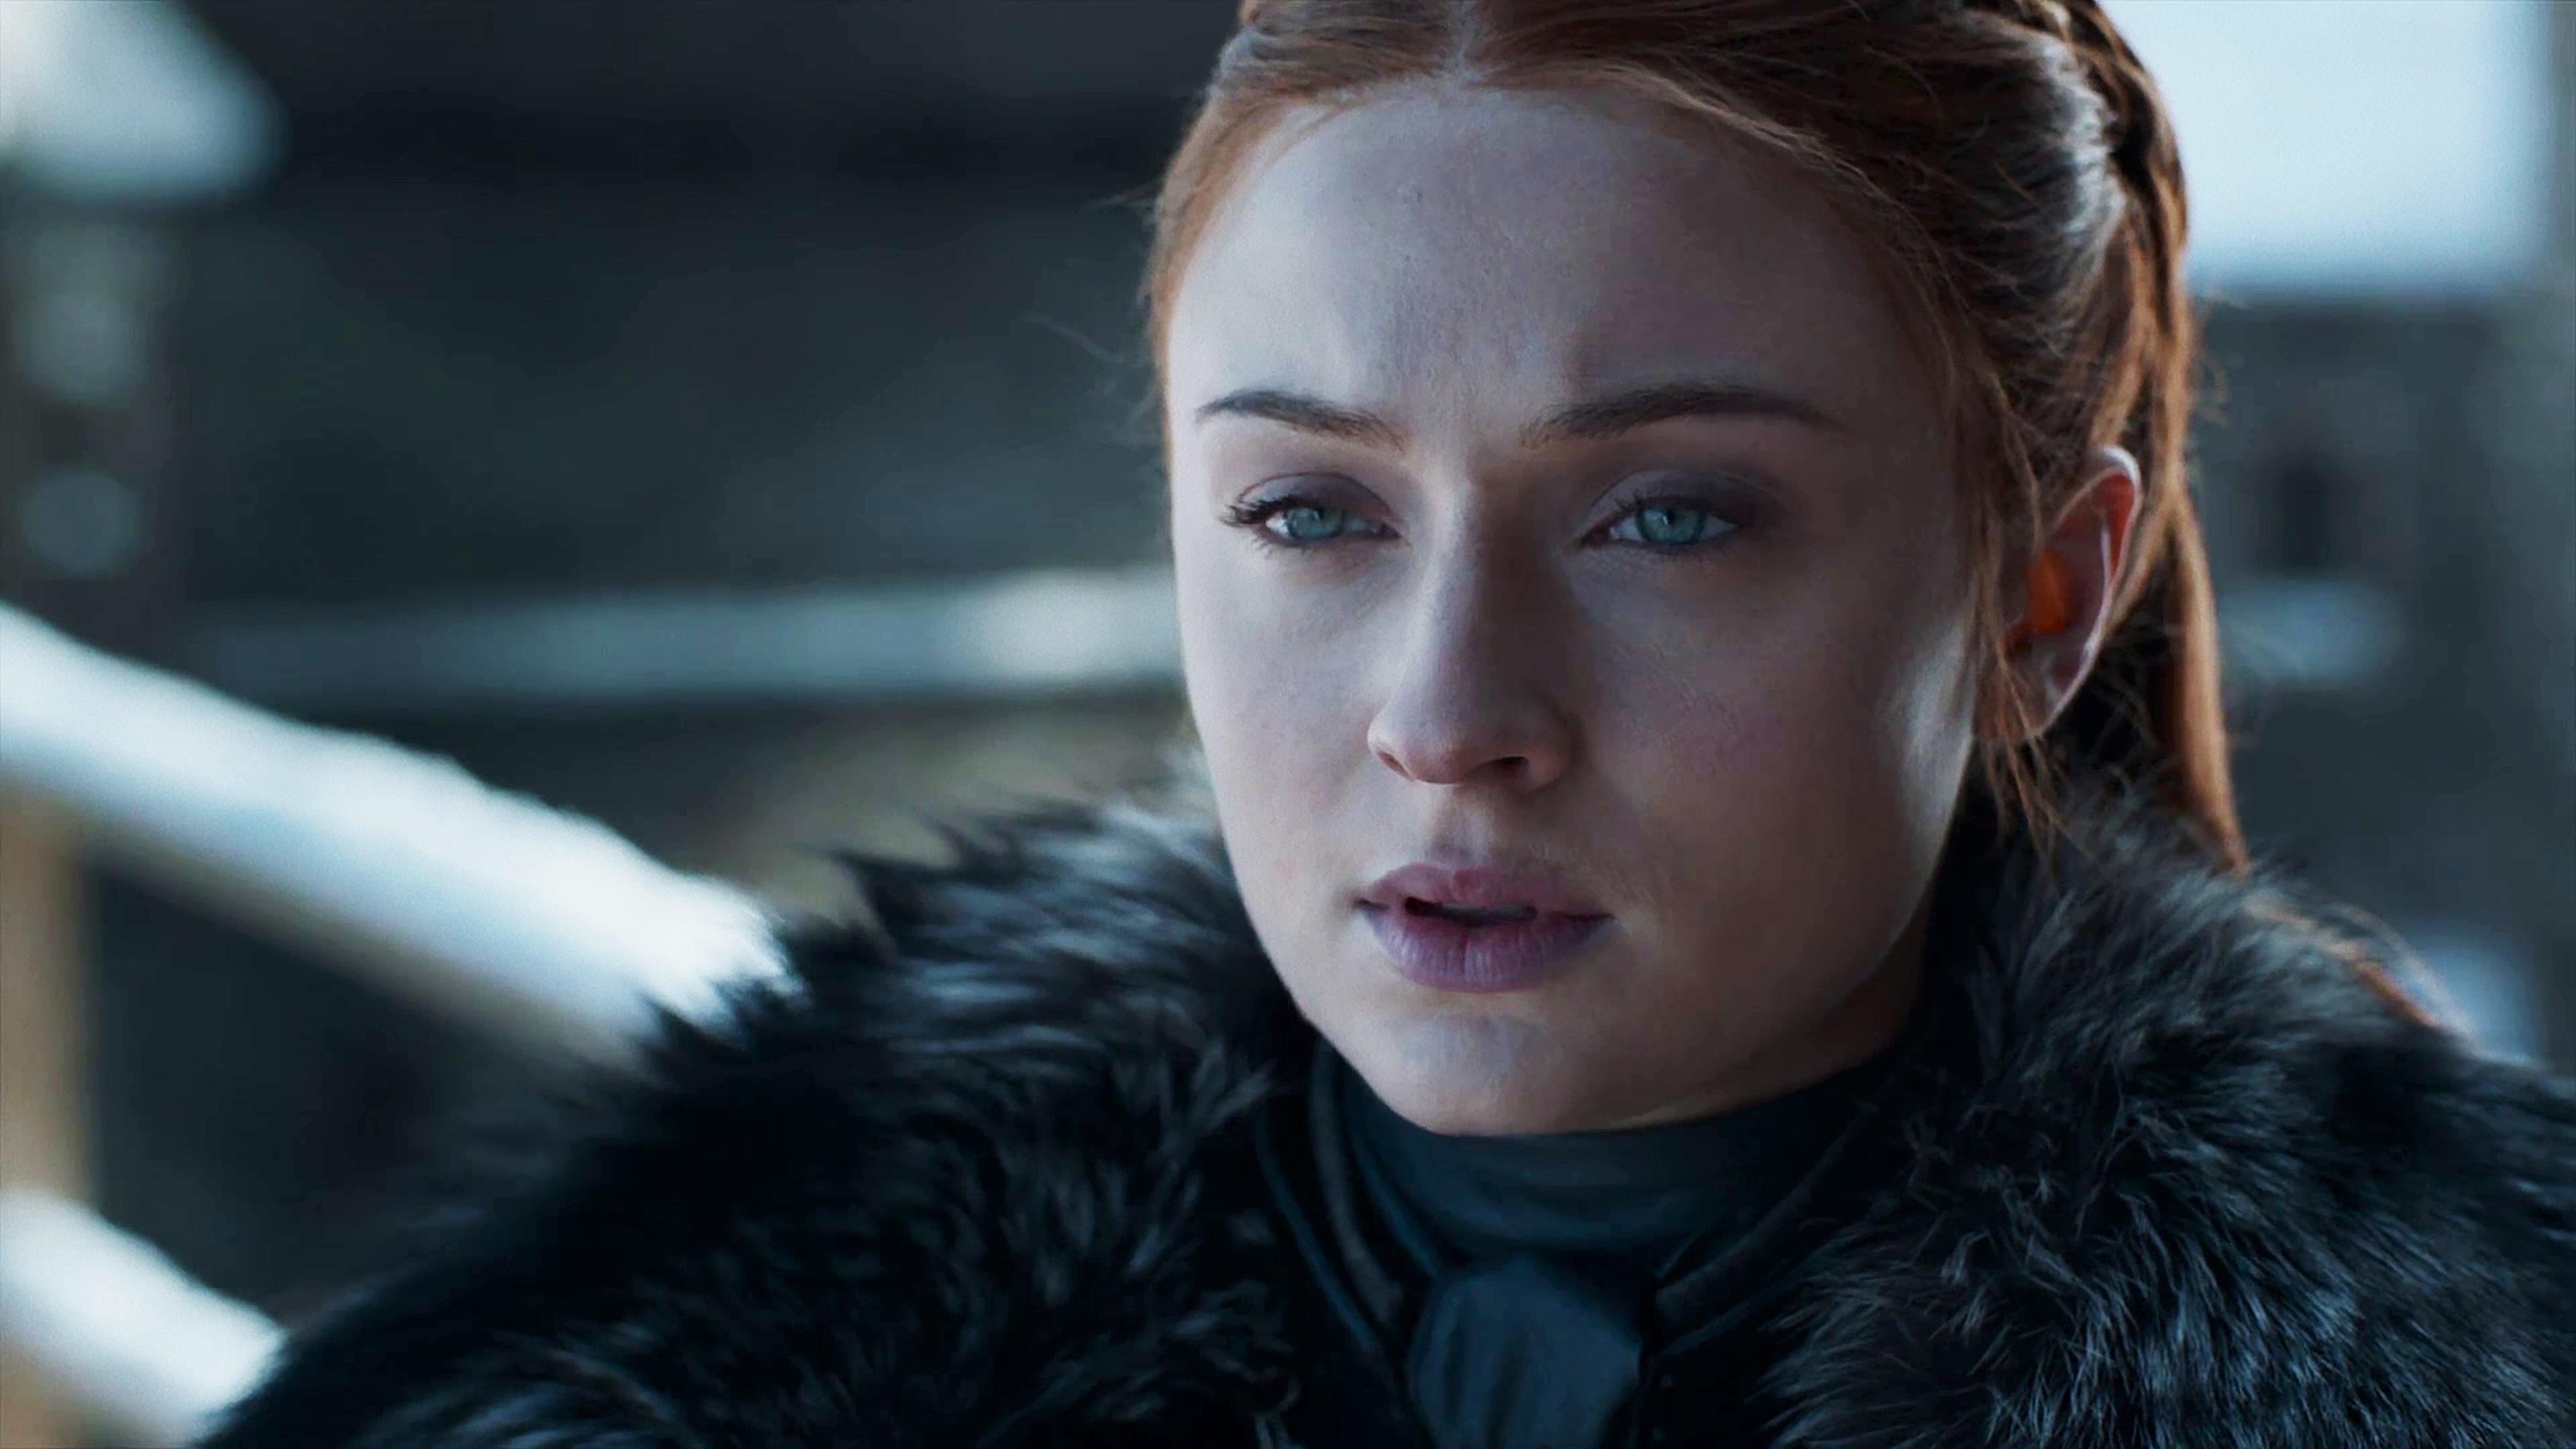 40. Season 8 Trailer Winterfell Sansa Stark